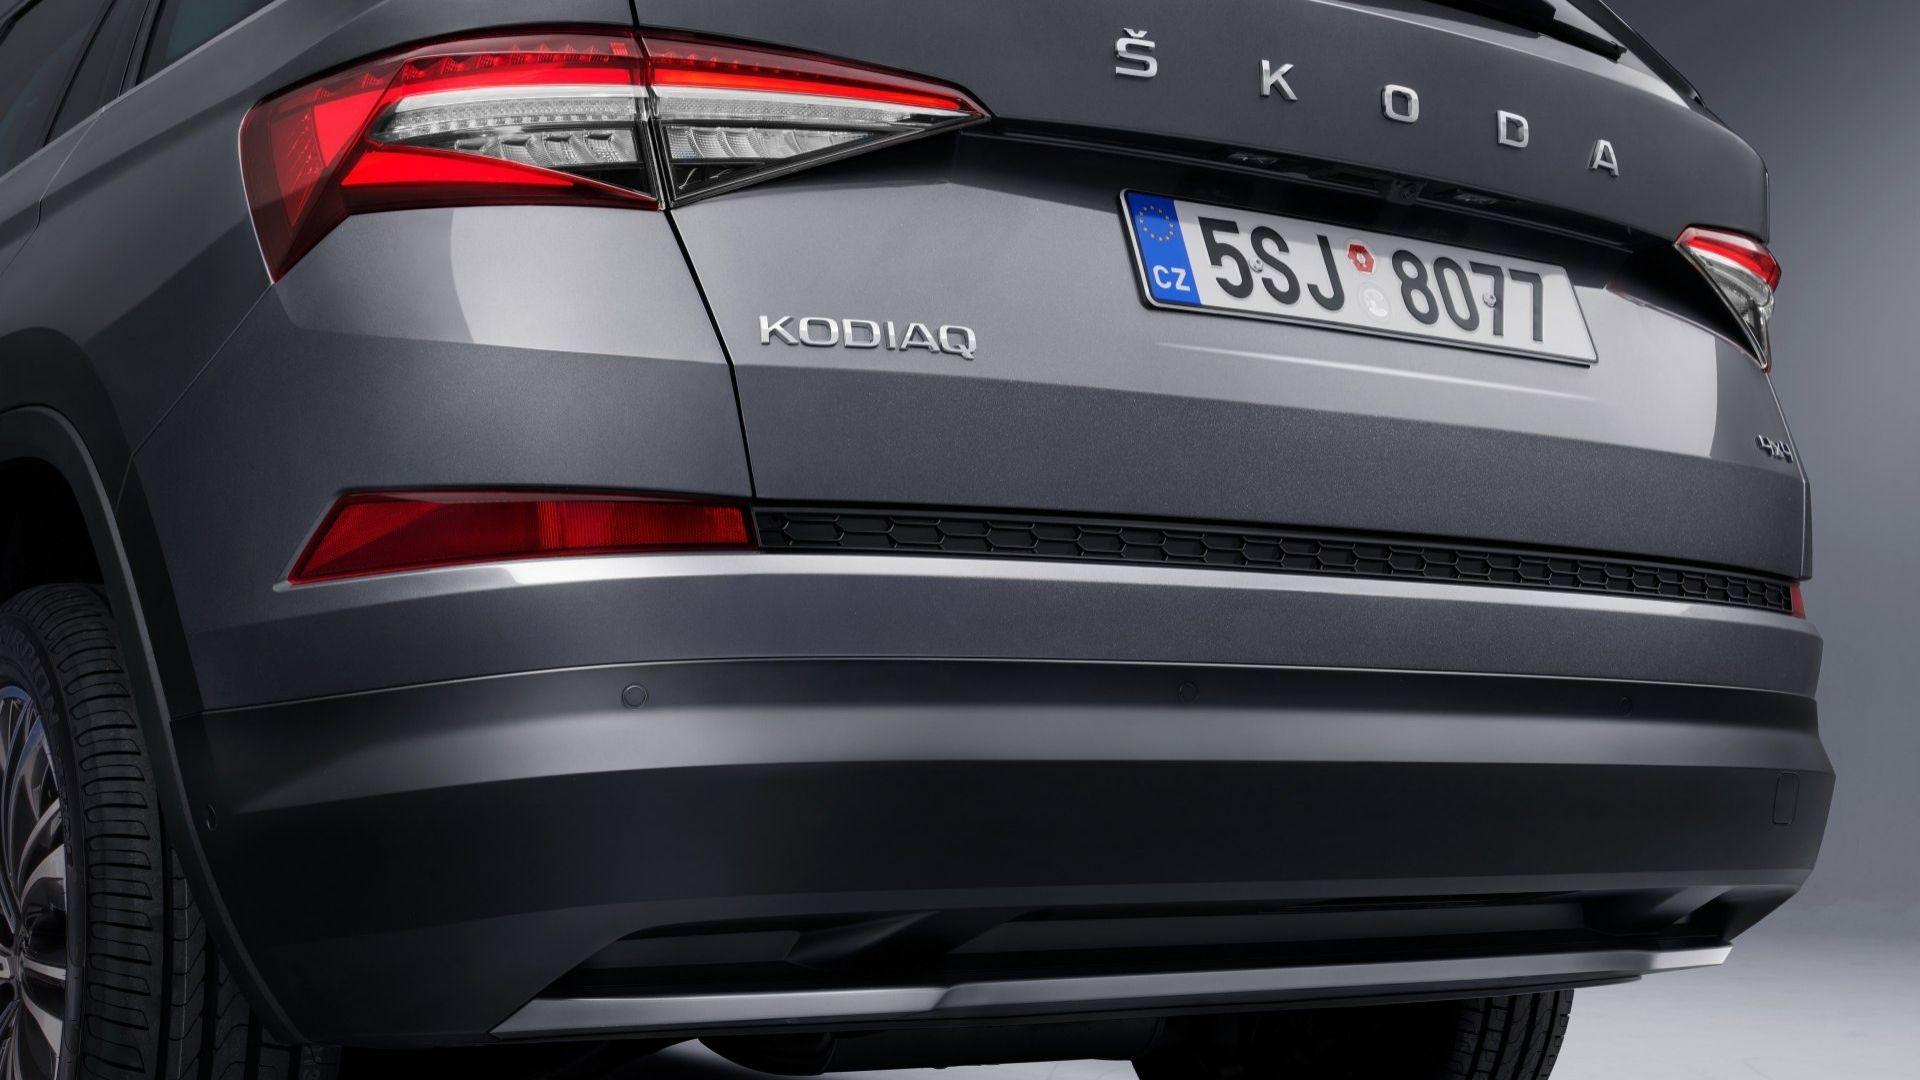 Kodiaq-dettaglio-posteriore